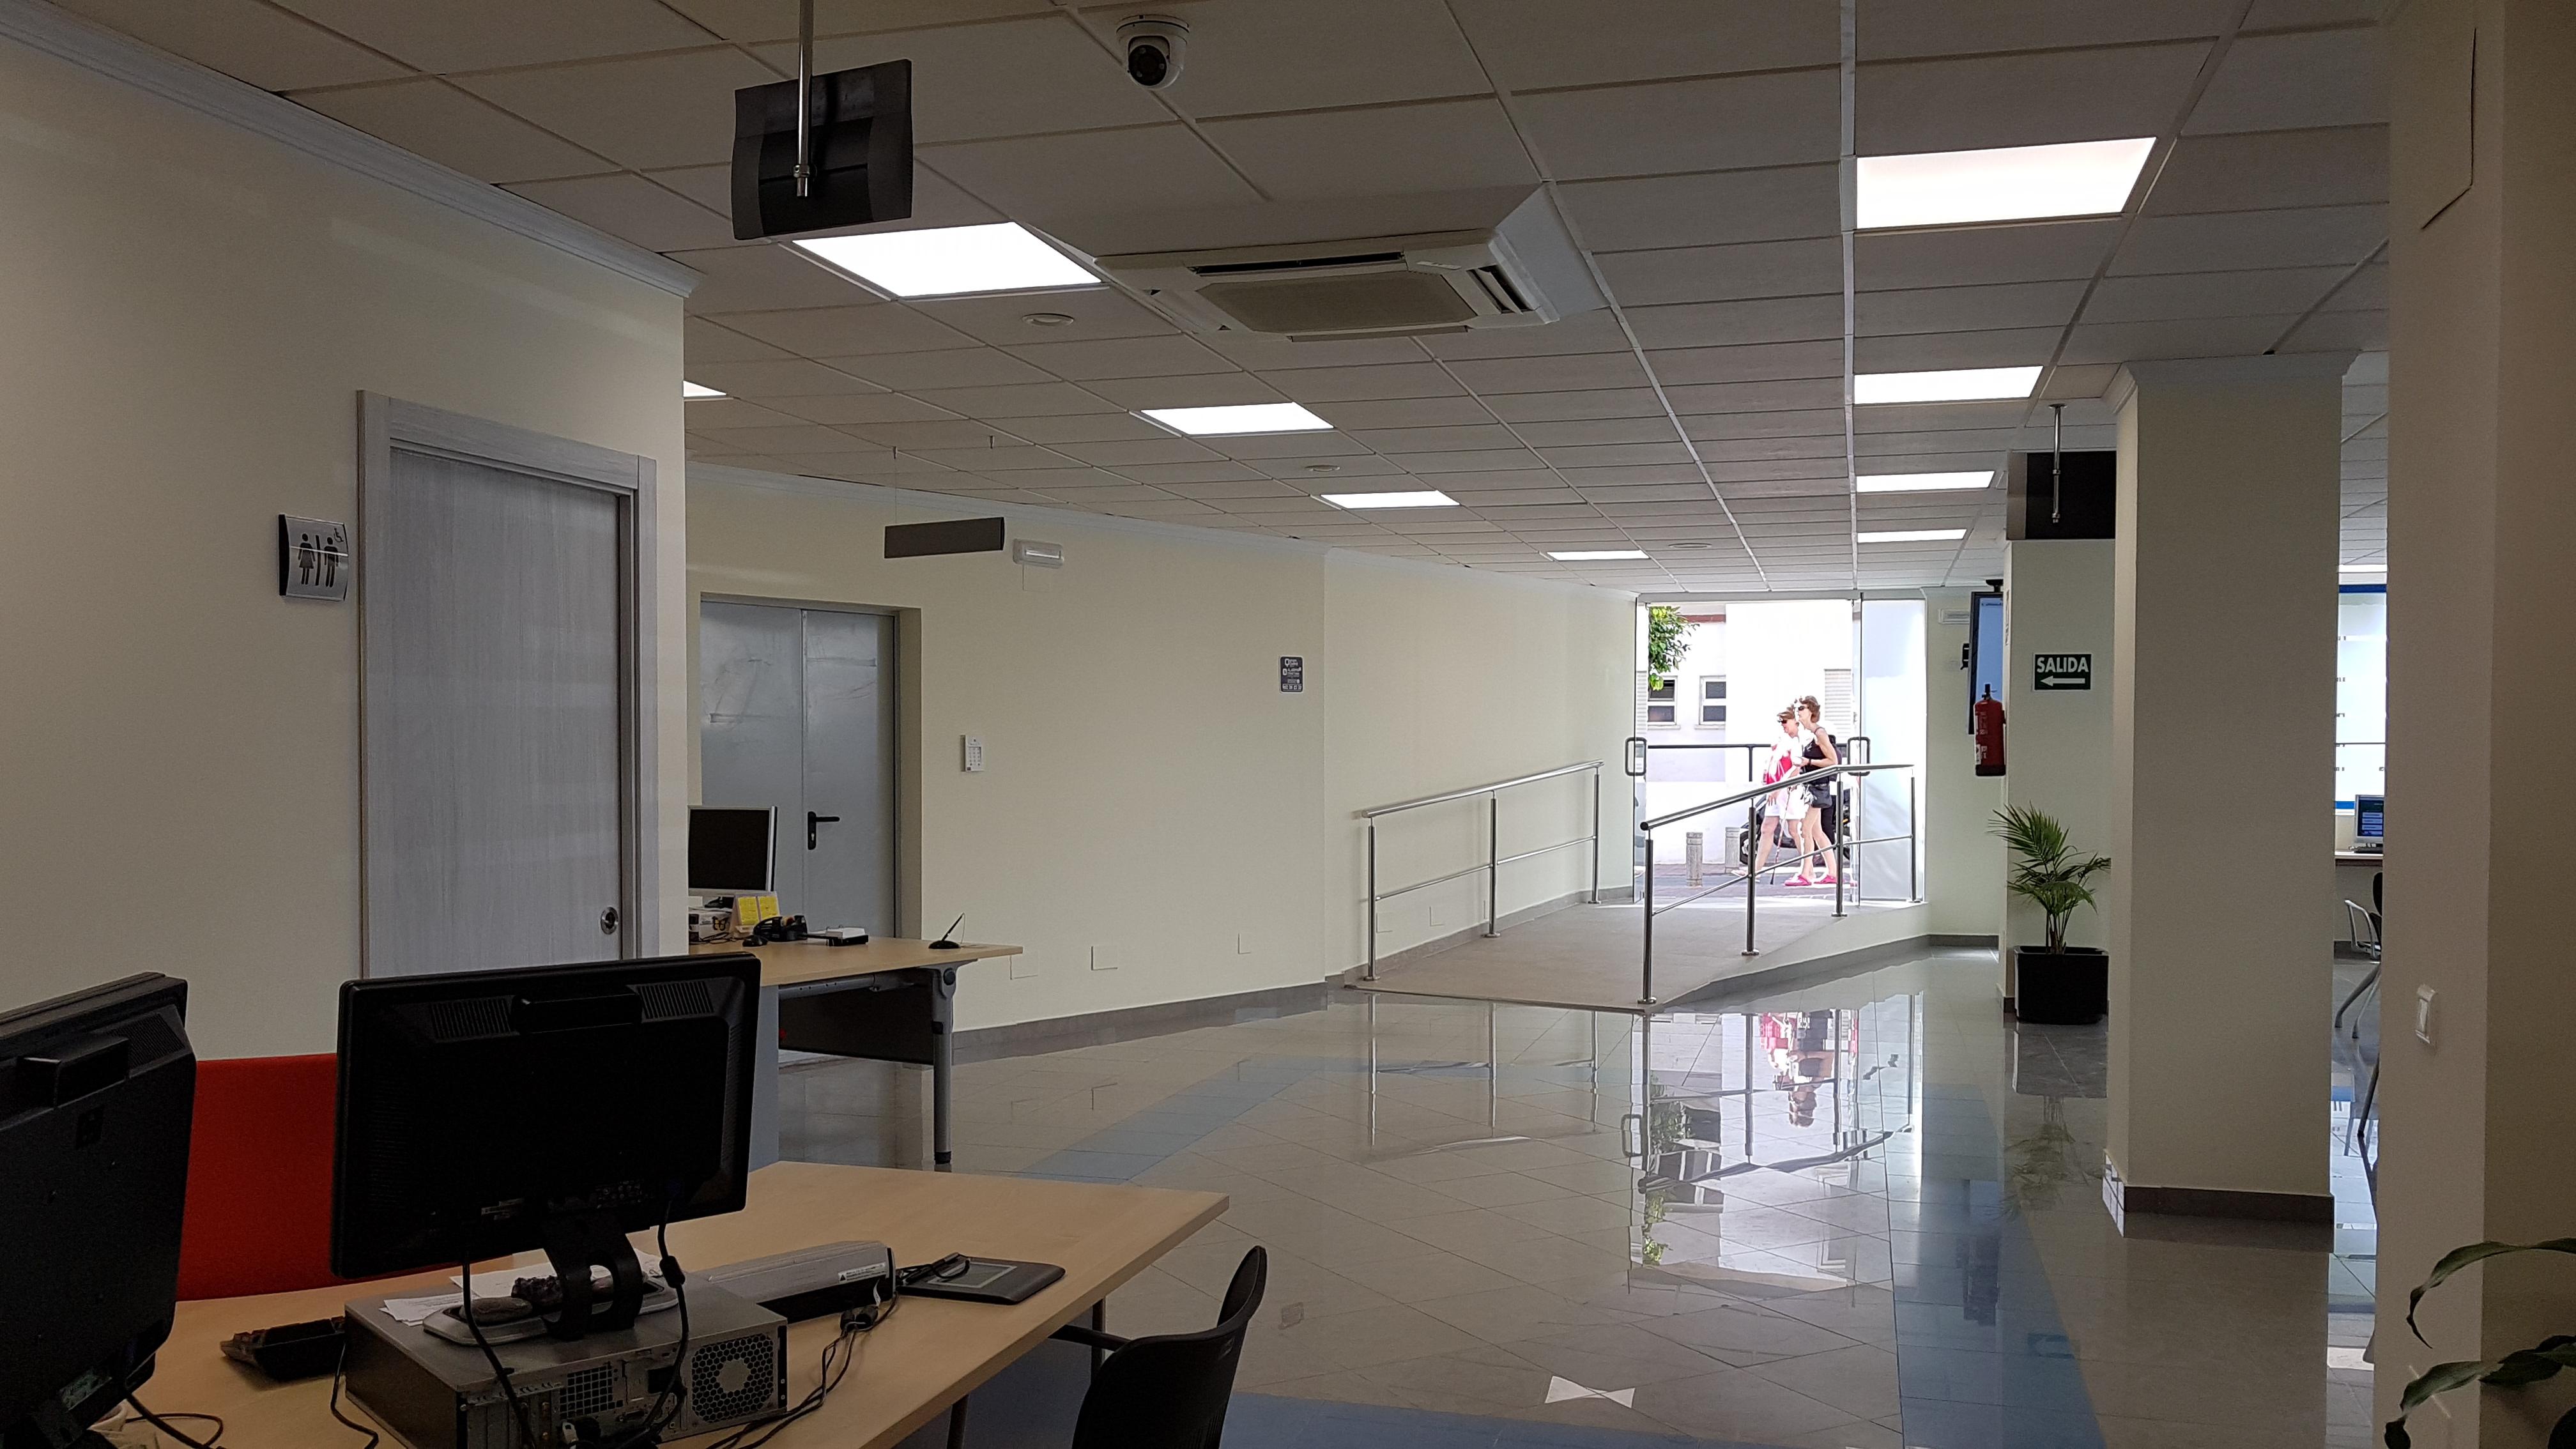 Rosa arrabal y el delegado de empleo visitan oficialmente for Oficina de desempleo malaga